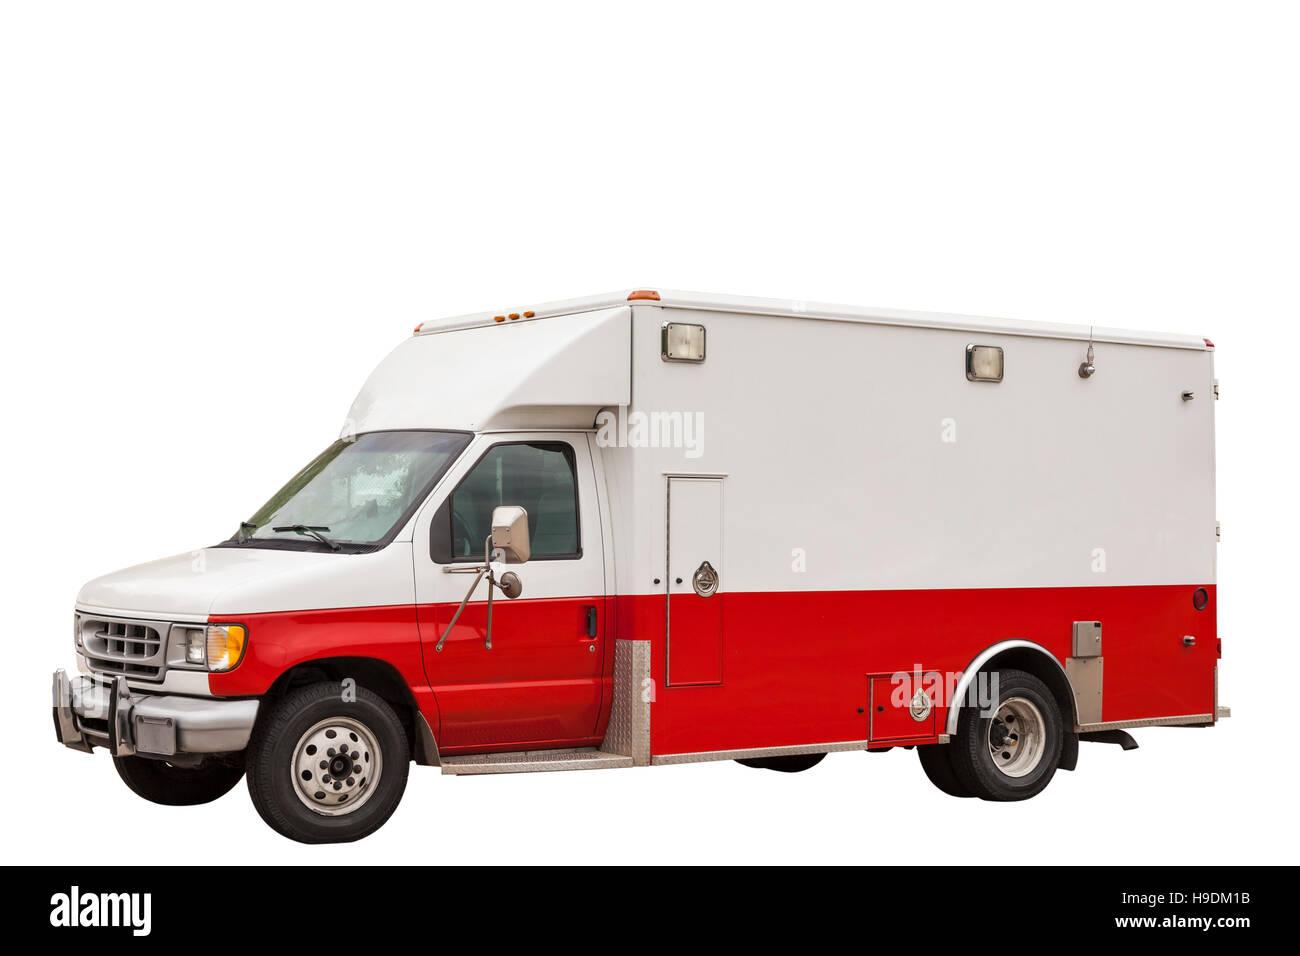 Emergency ambulance van isolated over white background - Stock Image